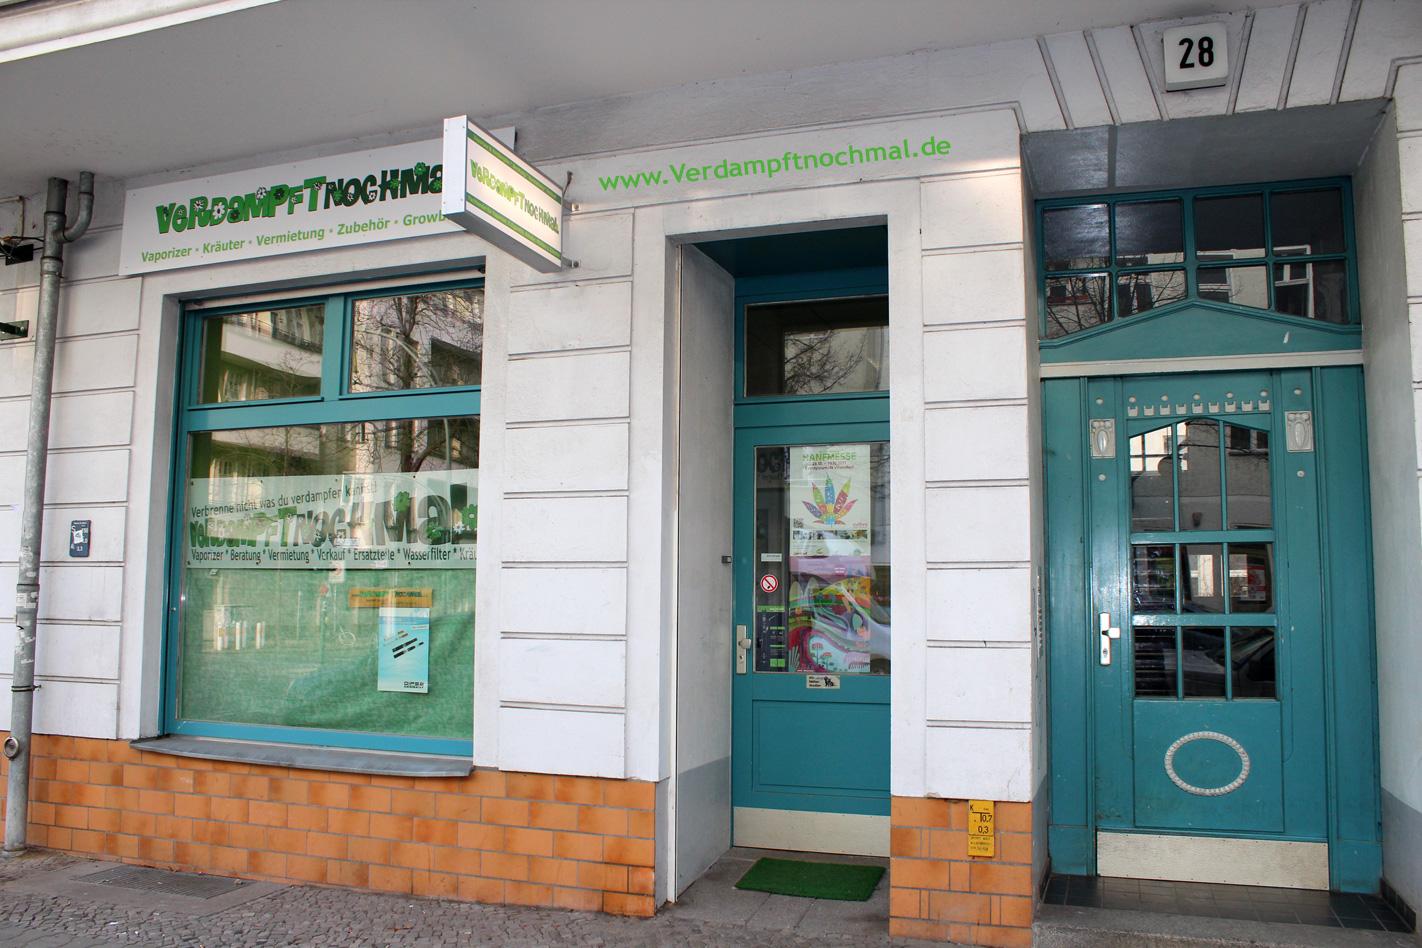 Ladengeschäft Ansicht von vorne, Schaufenster und Eingangstür